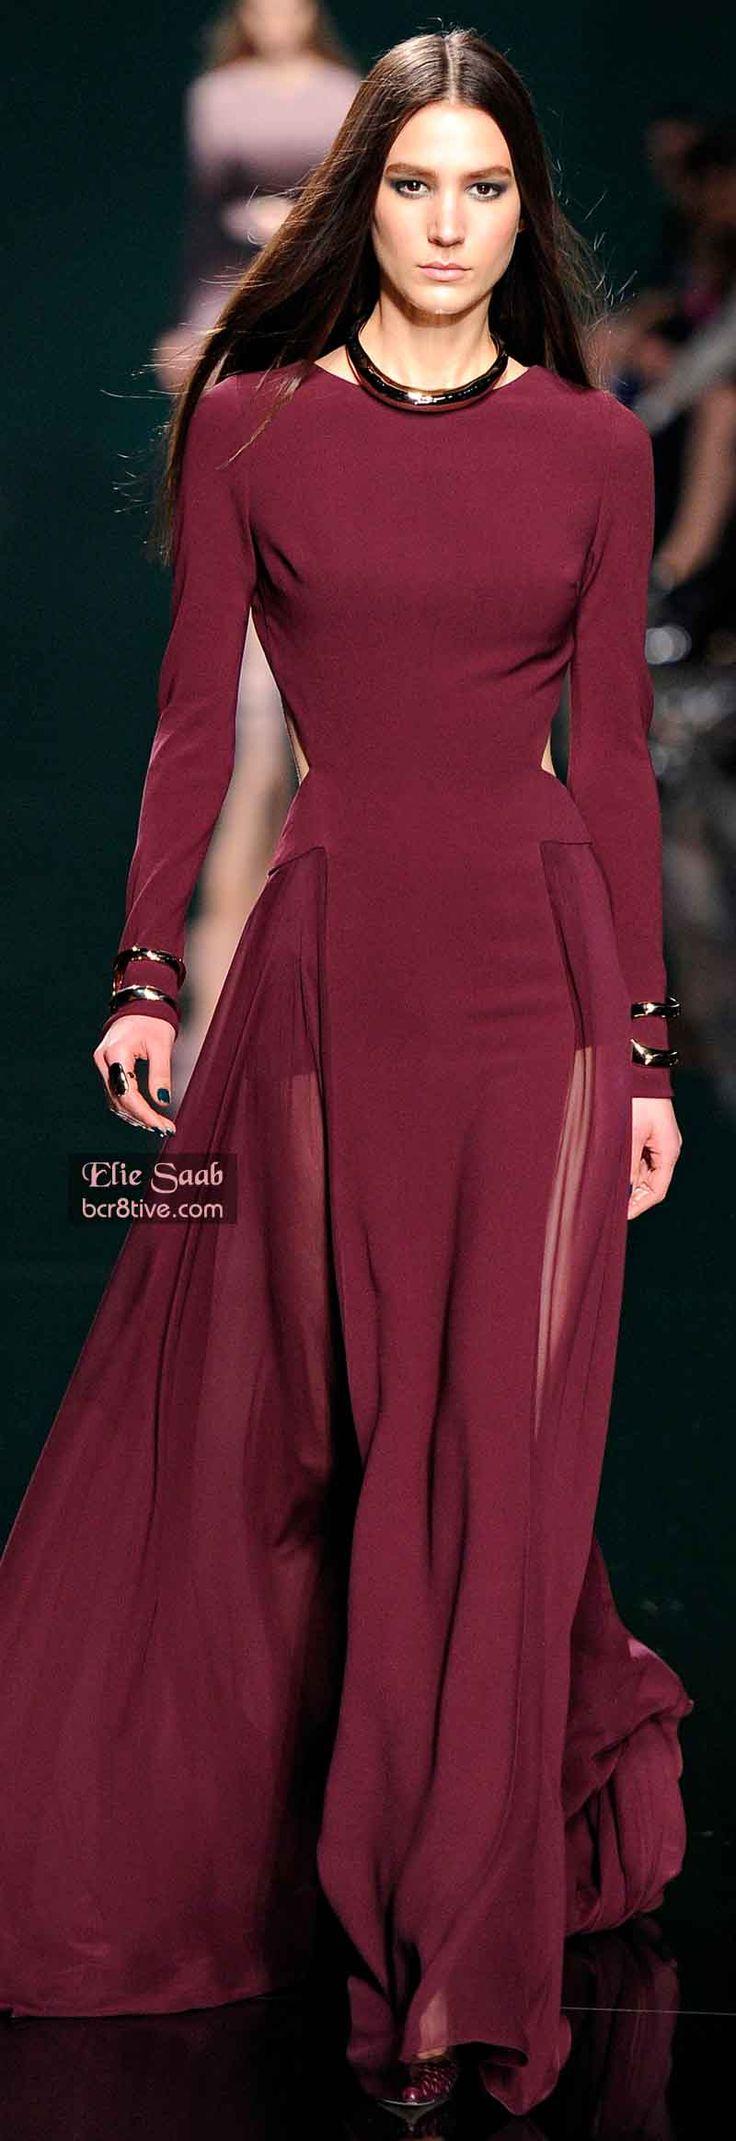 Elie Saab Fall 2014 RTW (obsessed with everything Elie Saab)